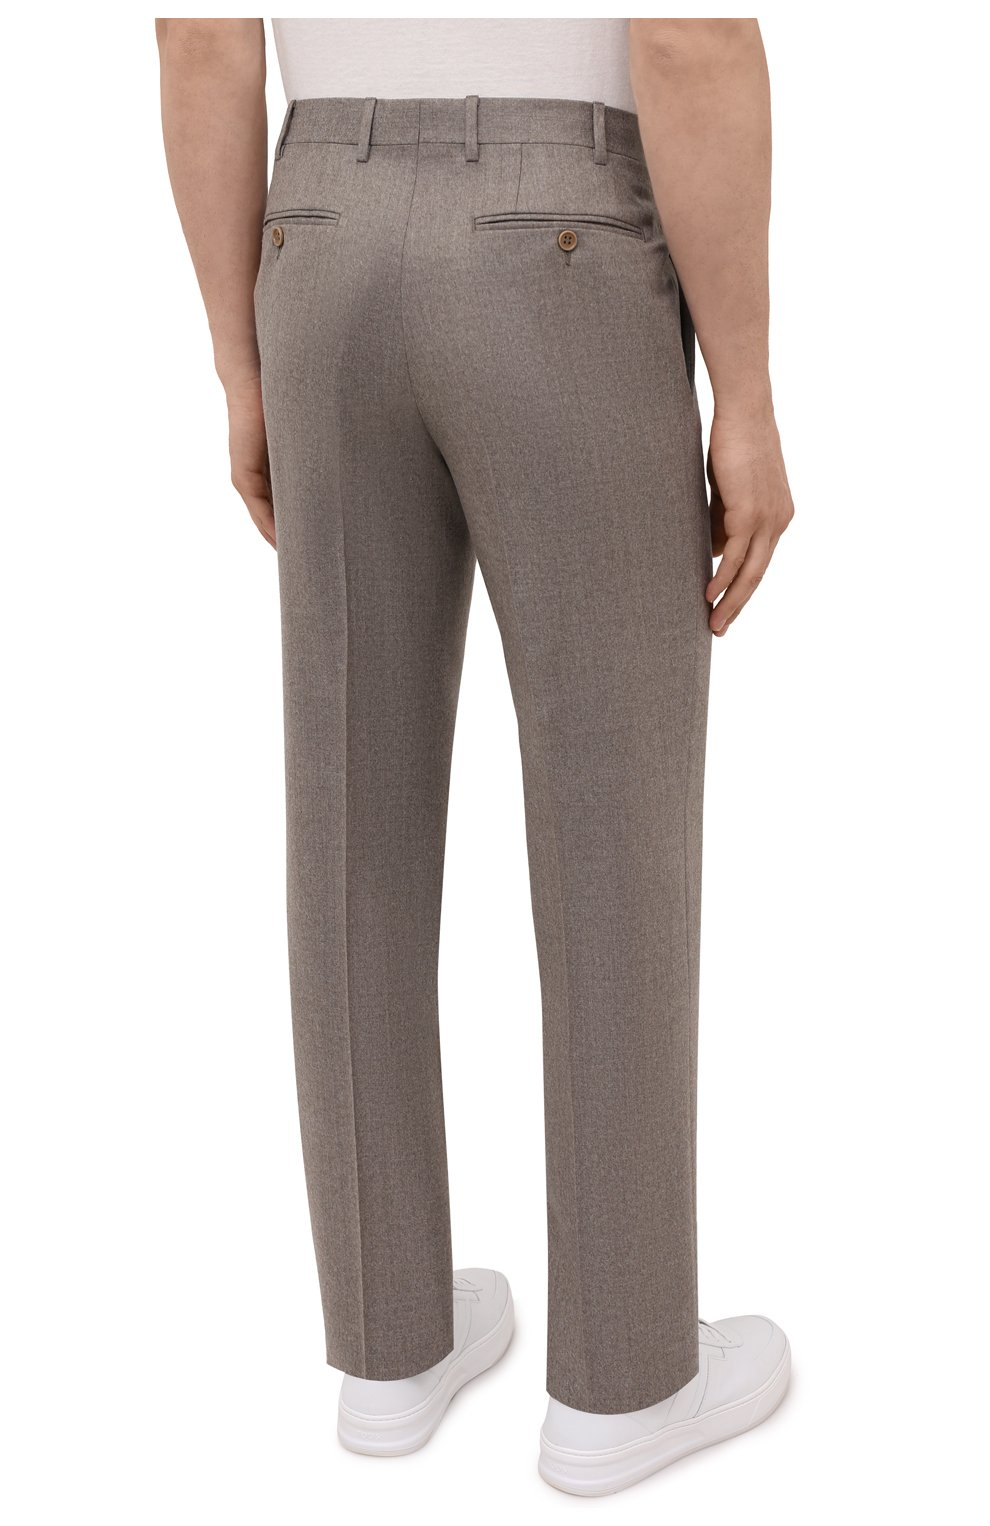 Мужские шерстяные брюки CANALI темно-бежевого цвета, арт. 71012/AN00019   Фото 4 (Материал внешний: Шерсть; Длина (брюки, джинсы): Стандартные; Случай: Повседневный; Стили: Классический; Материал подклада: Вискоза)